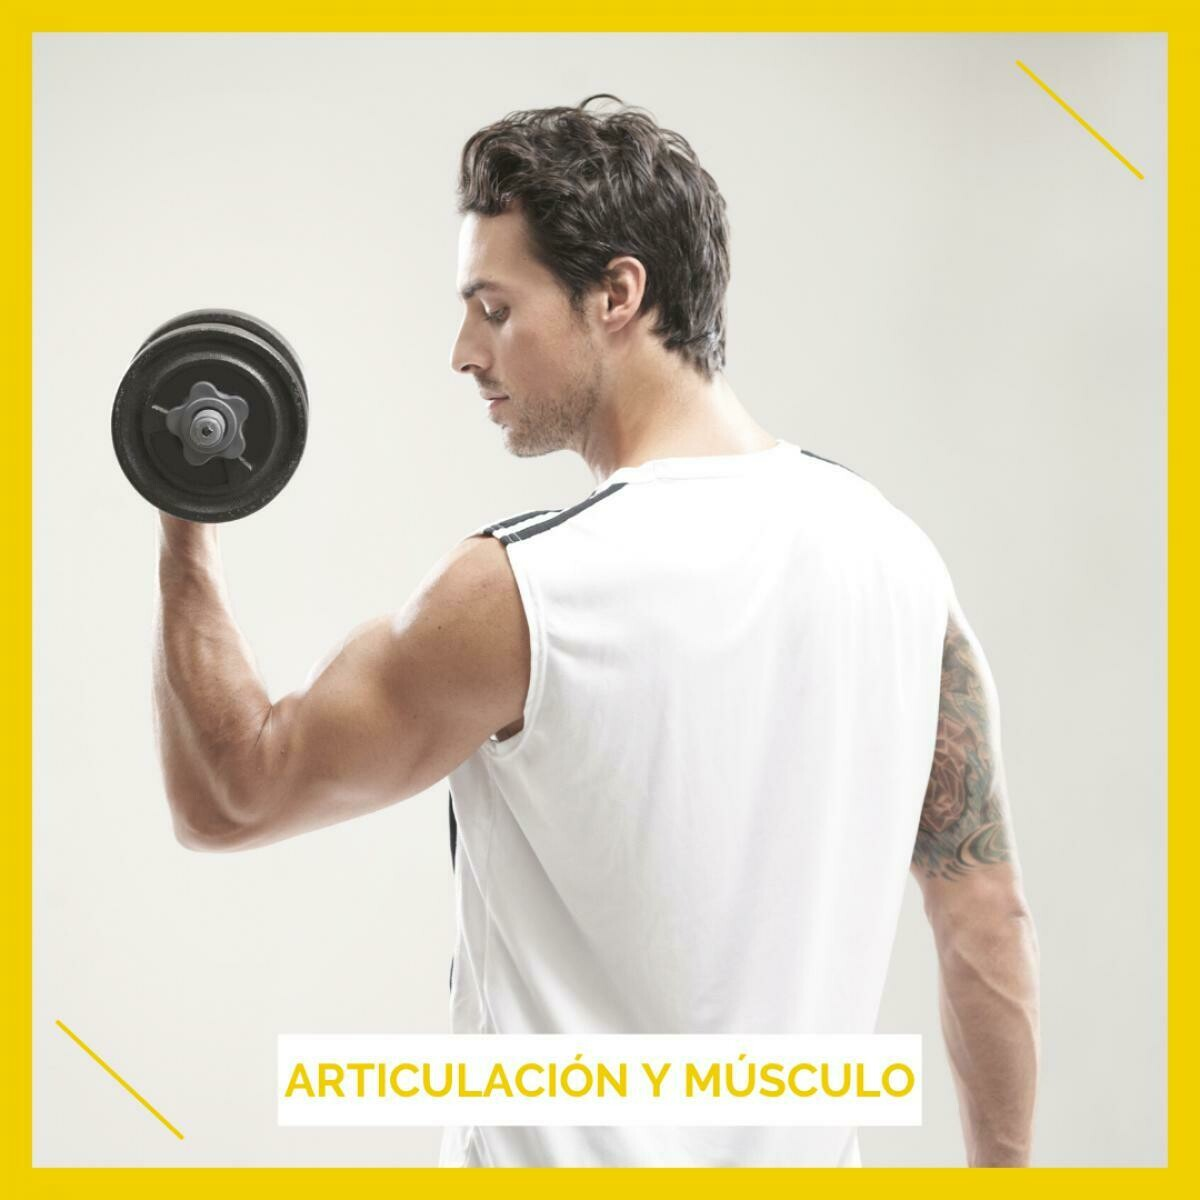 Articulaciones y muscular